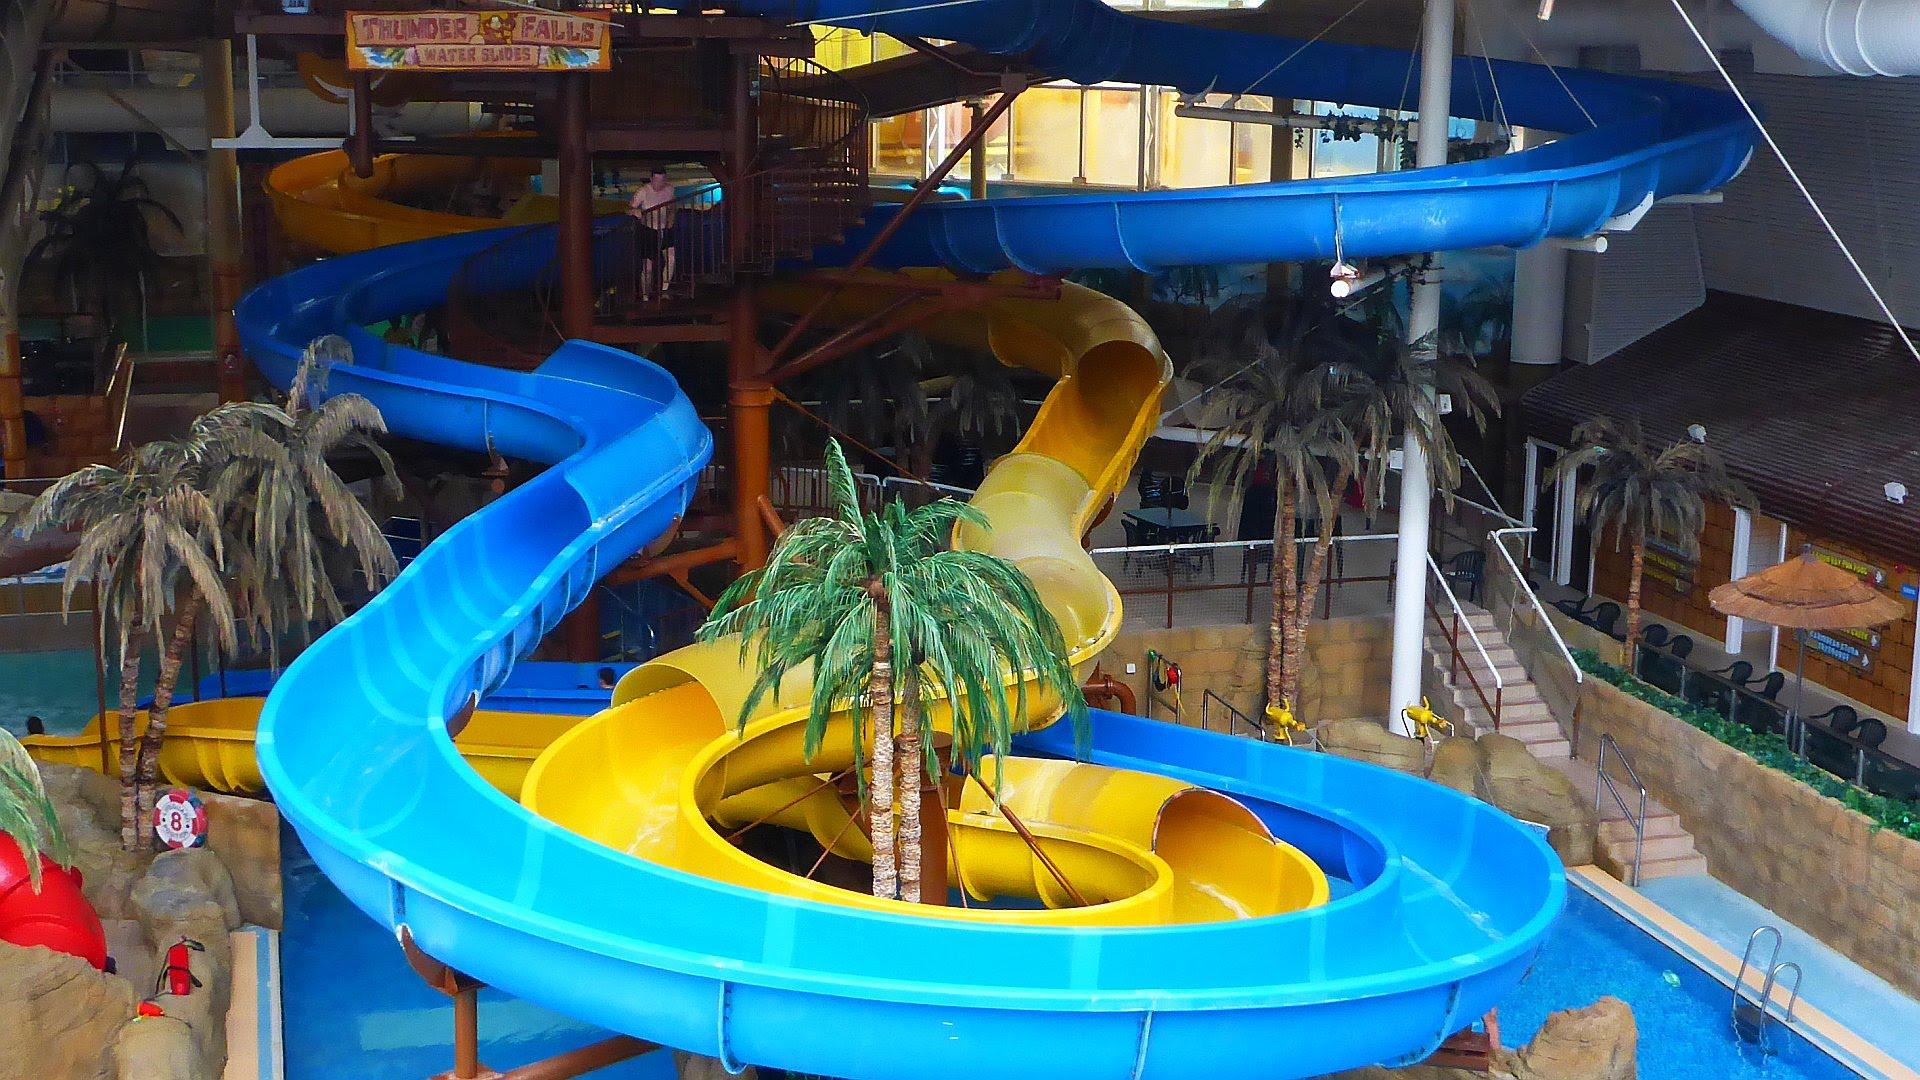 Thunderfalls Waterslide (blaue Rutsche) :: blue Water Slide | Sandcastle Waterpark Blackpool